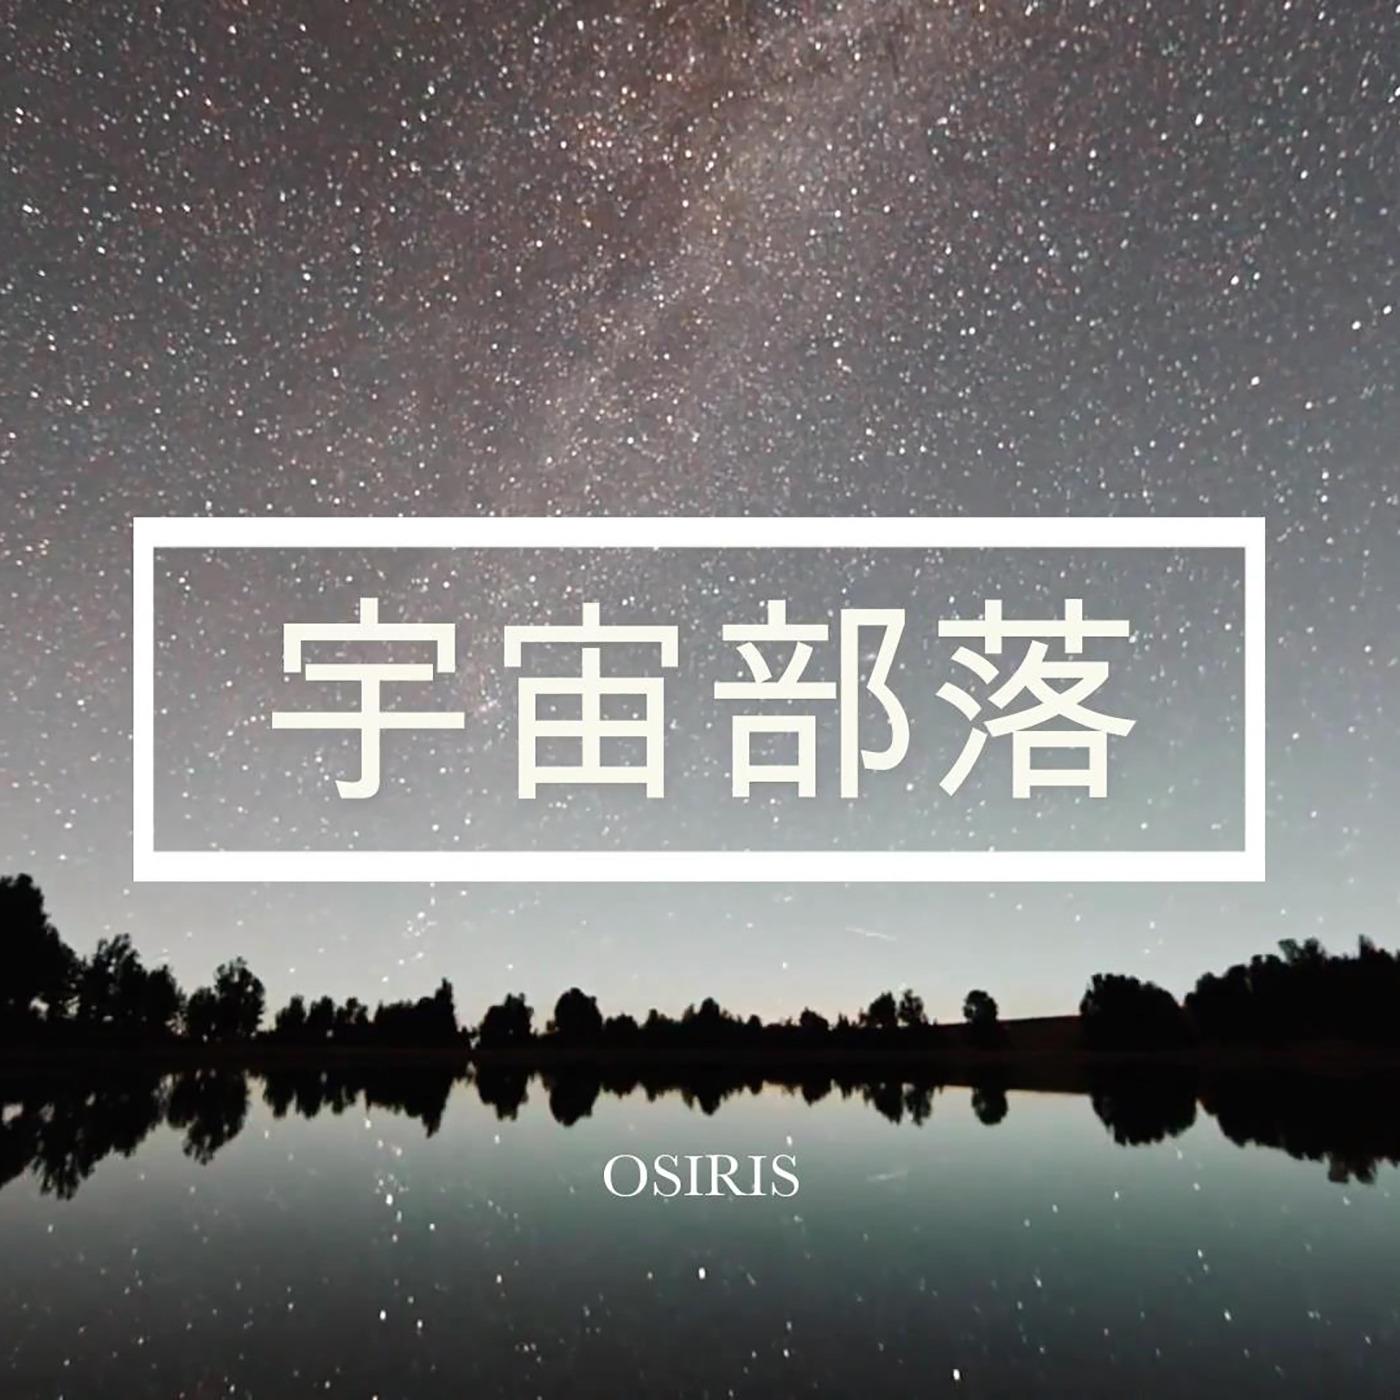 宇宙部落 EP 24 -靈魂數字能量學